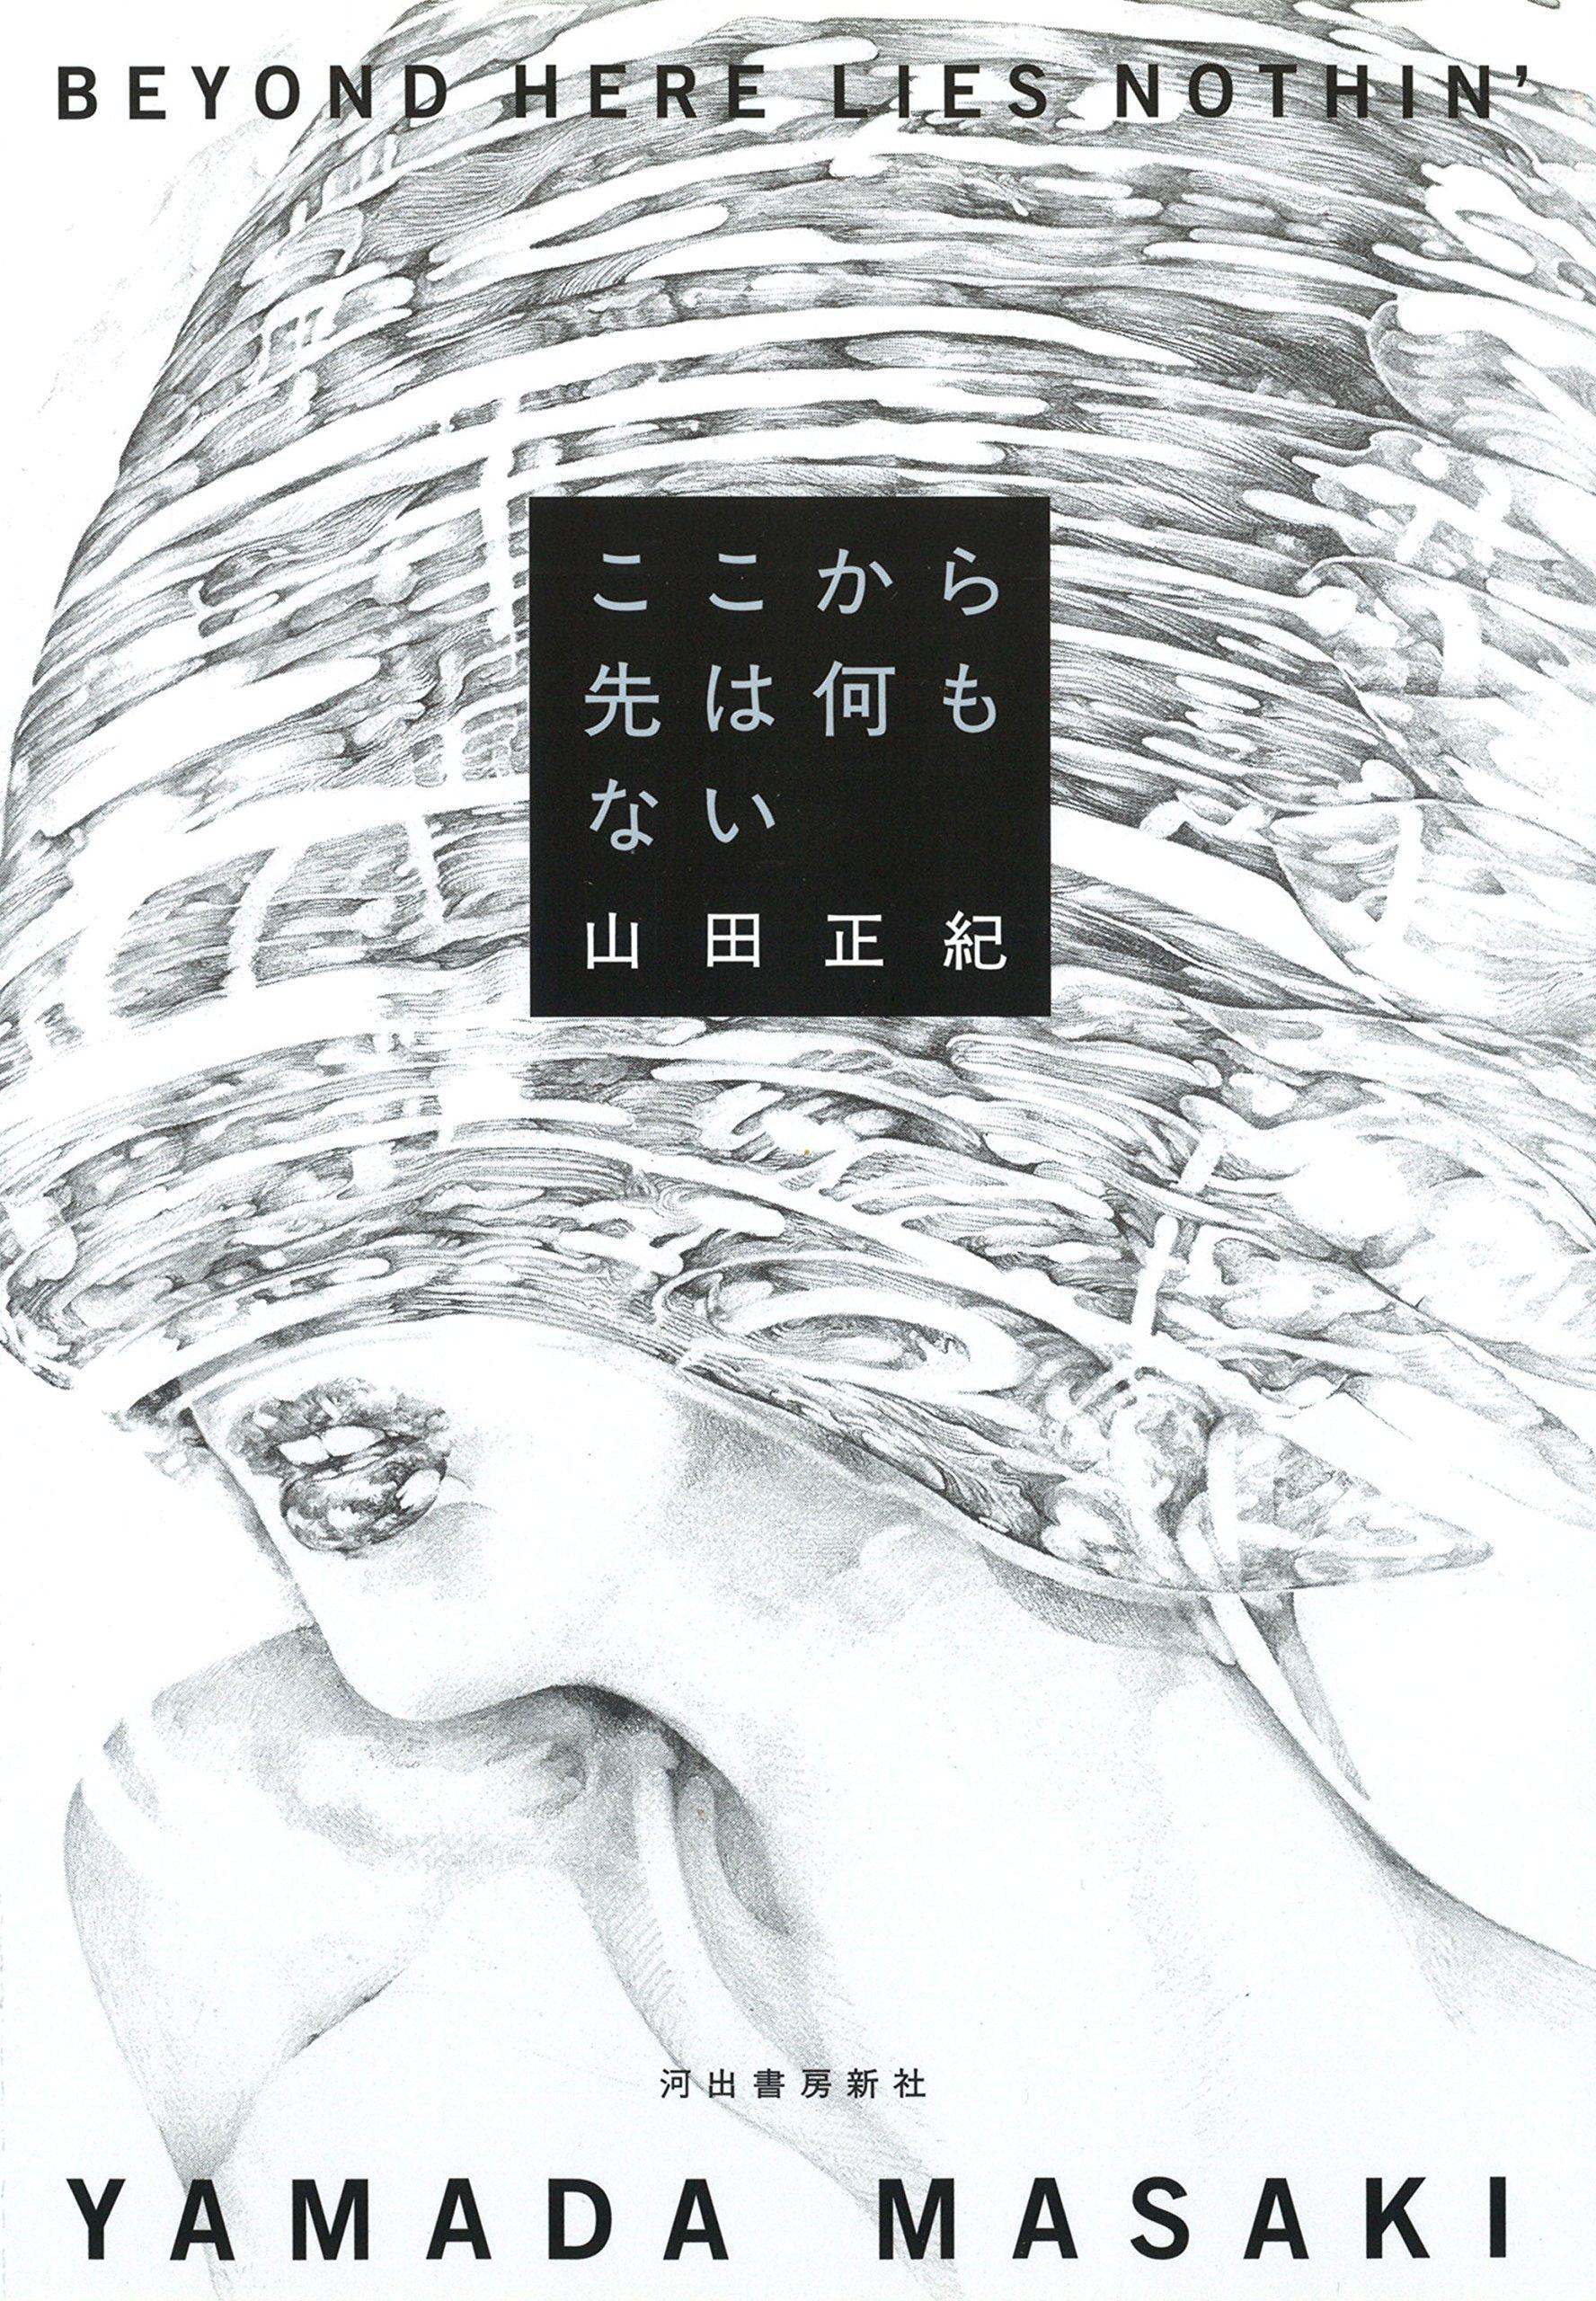 山田正紀『ここから先は何もない』(河出書房新社)